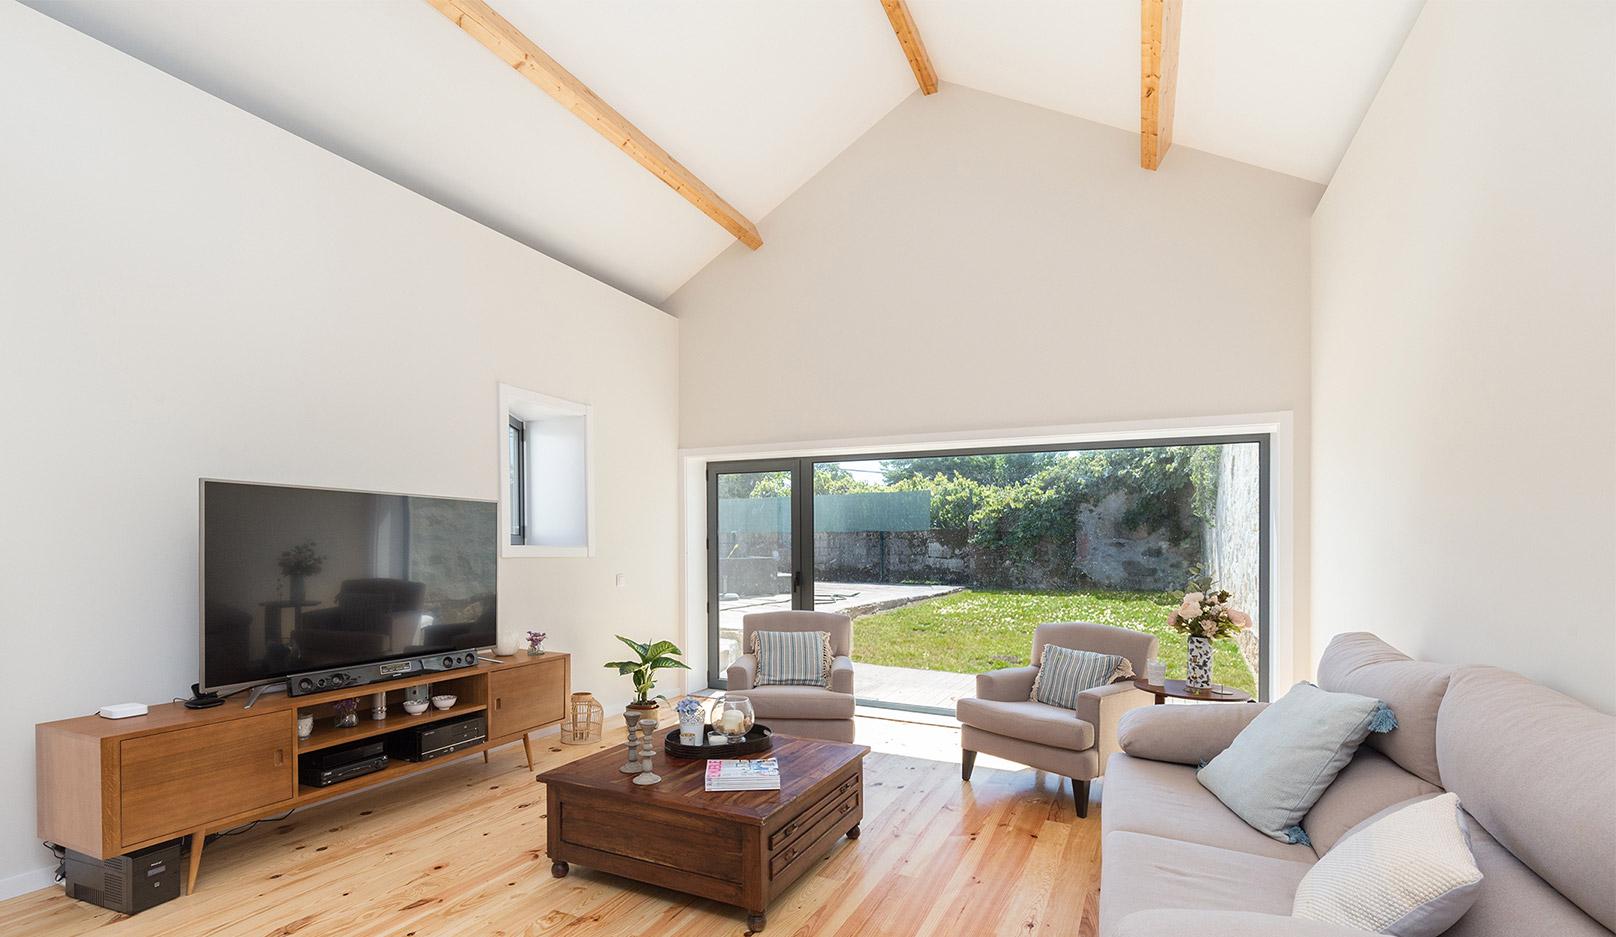 Remodelação de moradia, reabilitação de casa, projeto de arquitetura